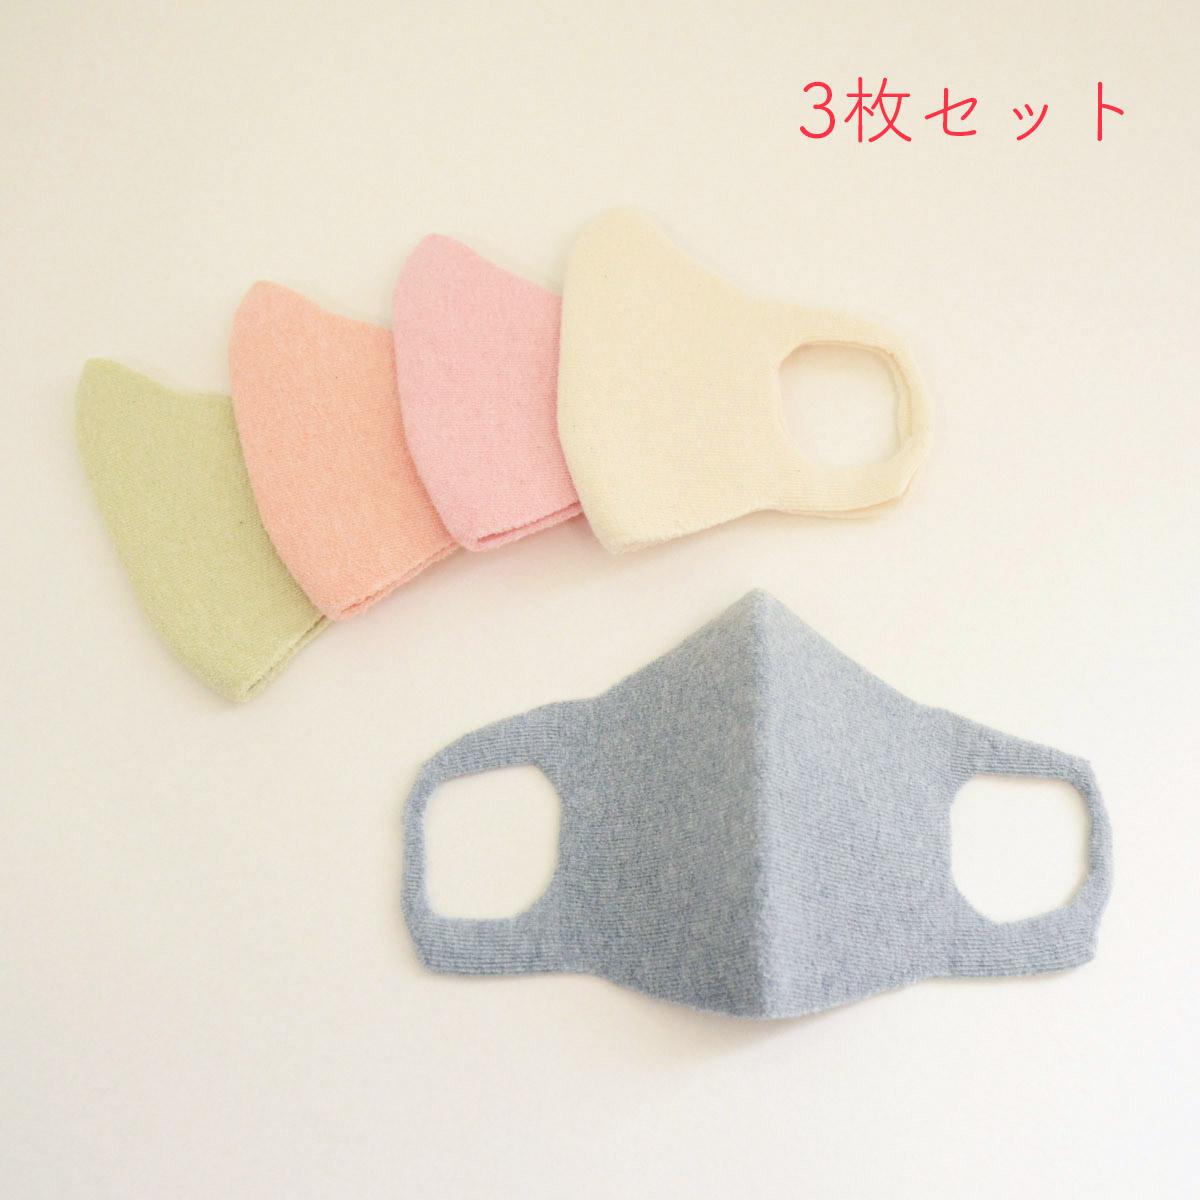 【おまとめ特価】3Dフェイスマスク オーガニックコットン3枚セット